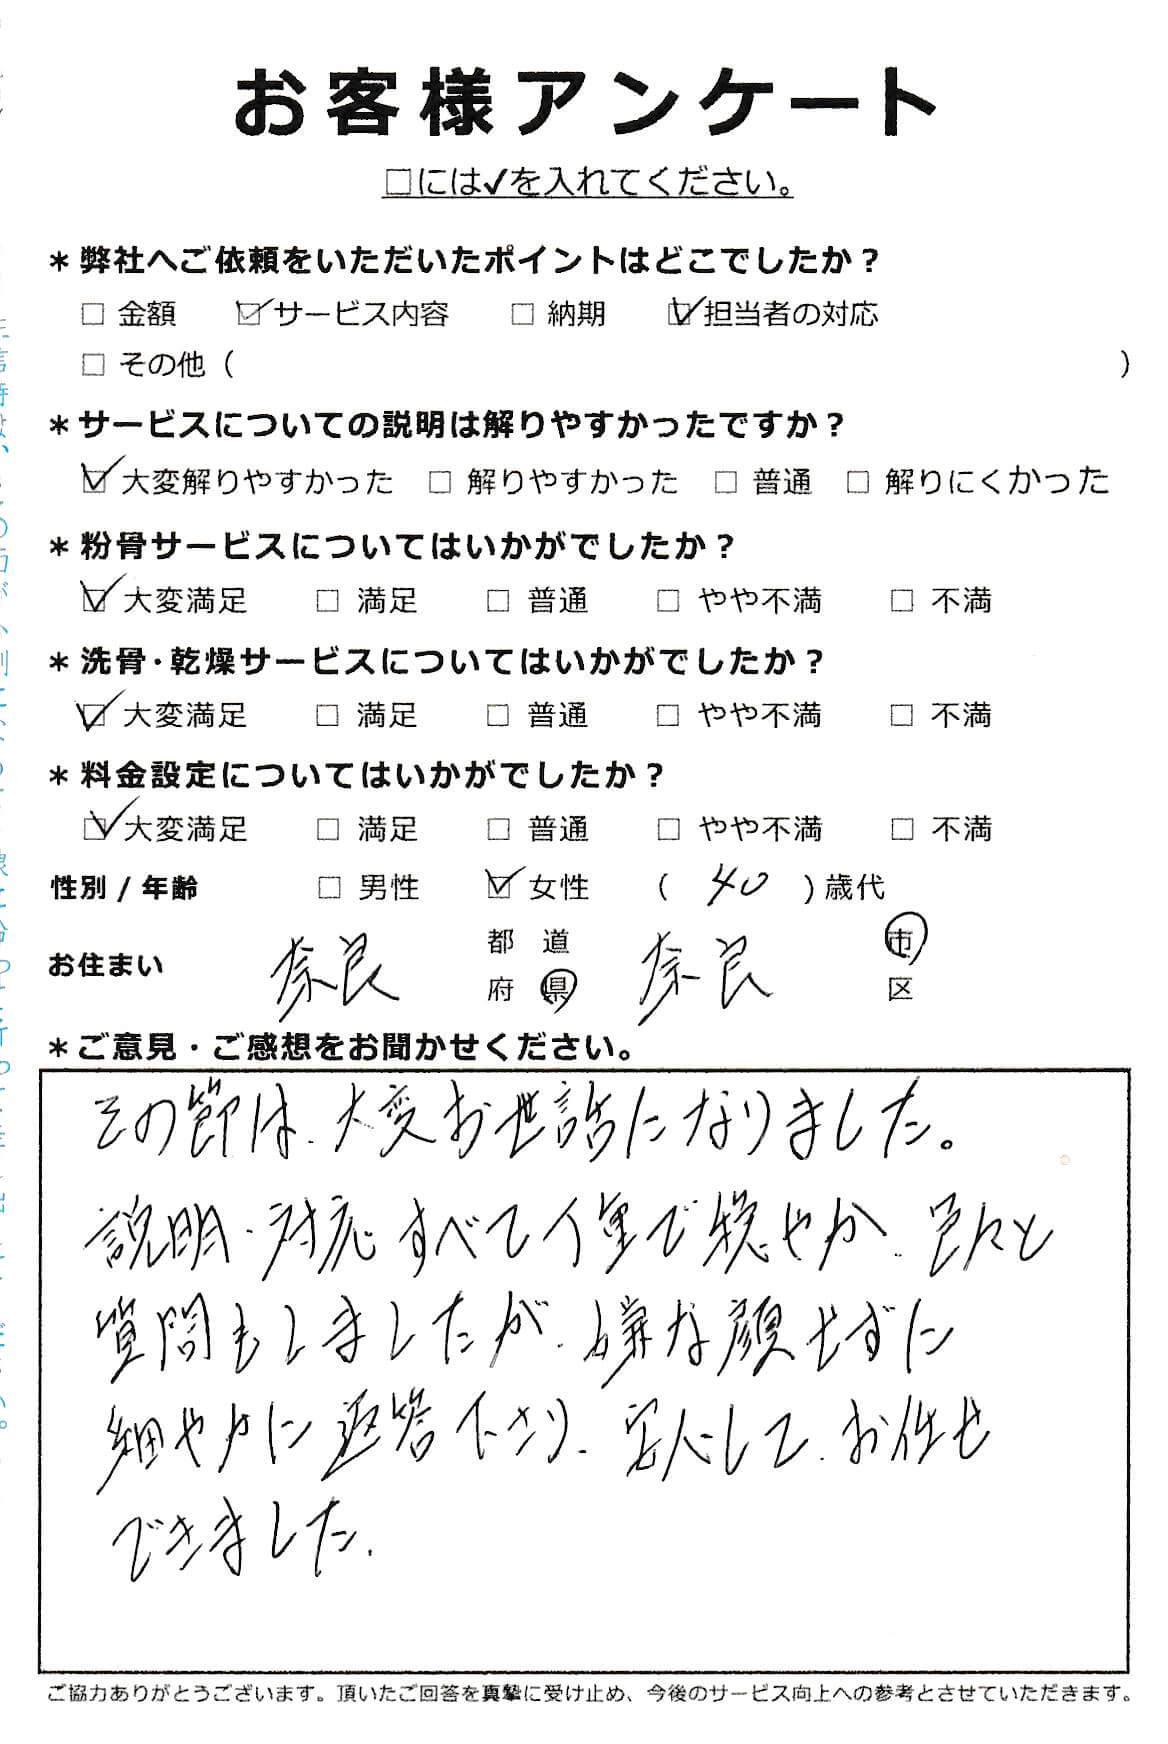 奈良県奈良市での粉骨・洗骨サービス